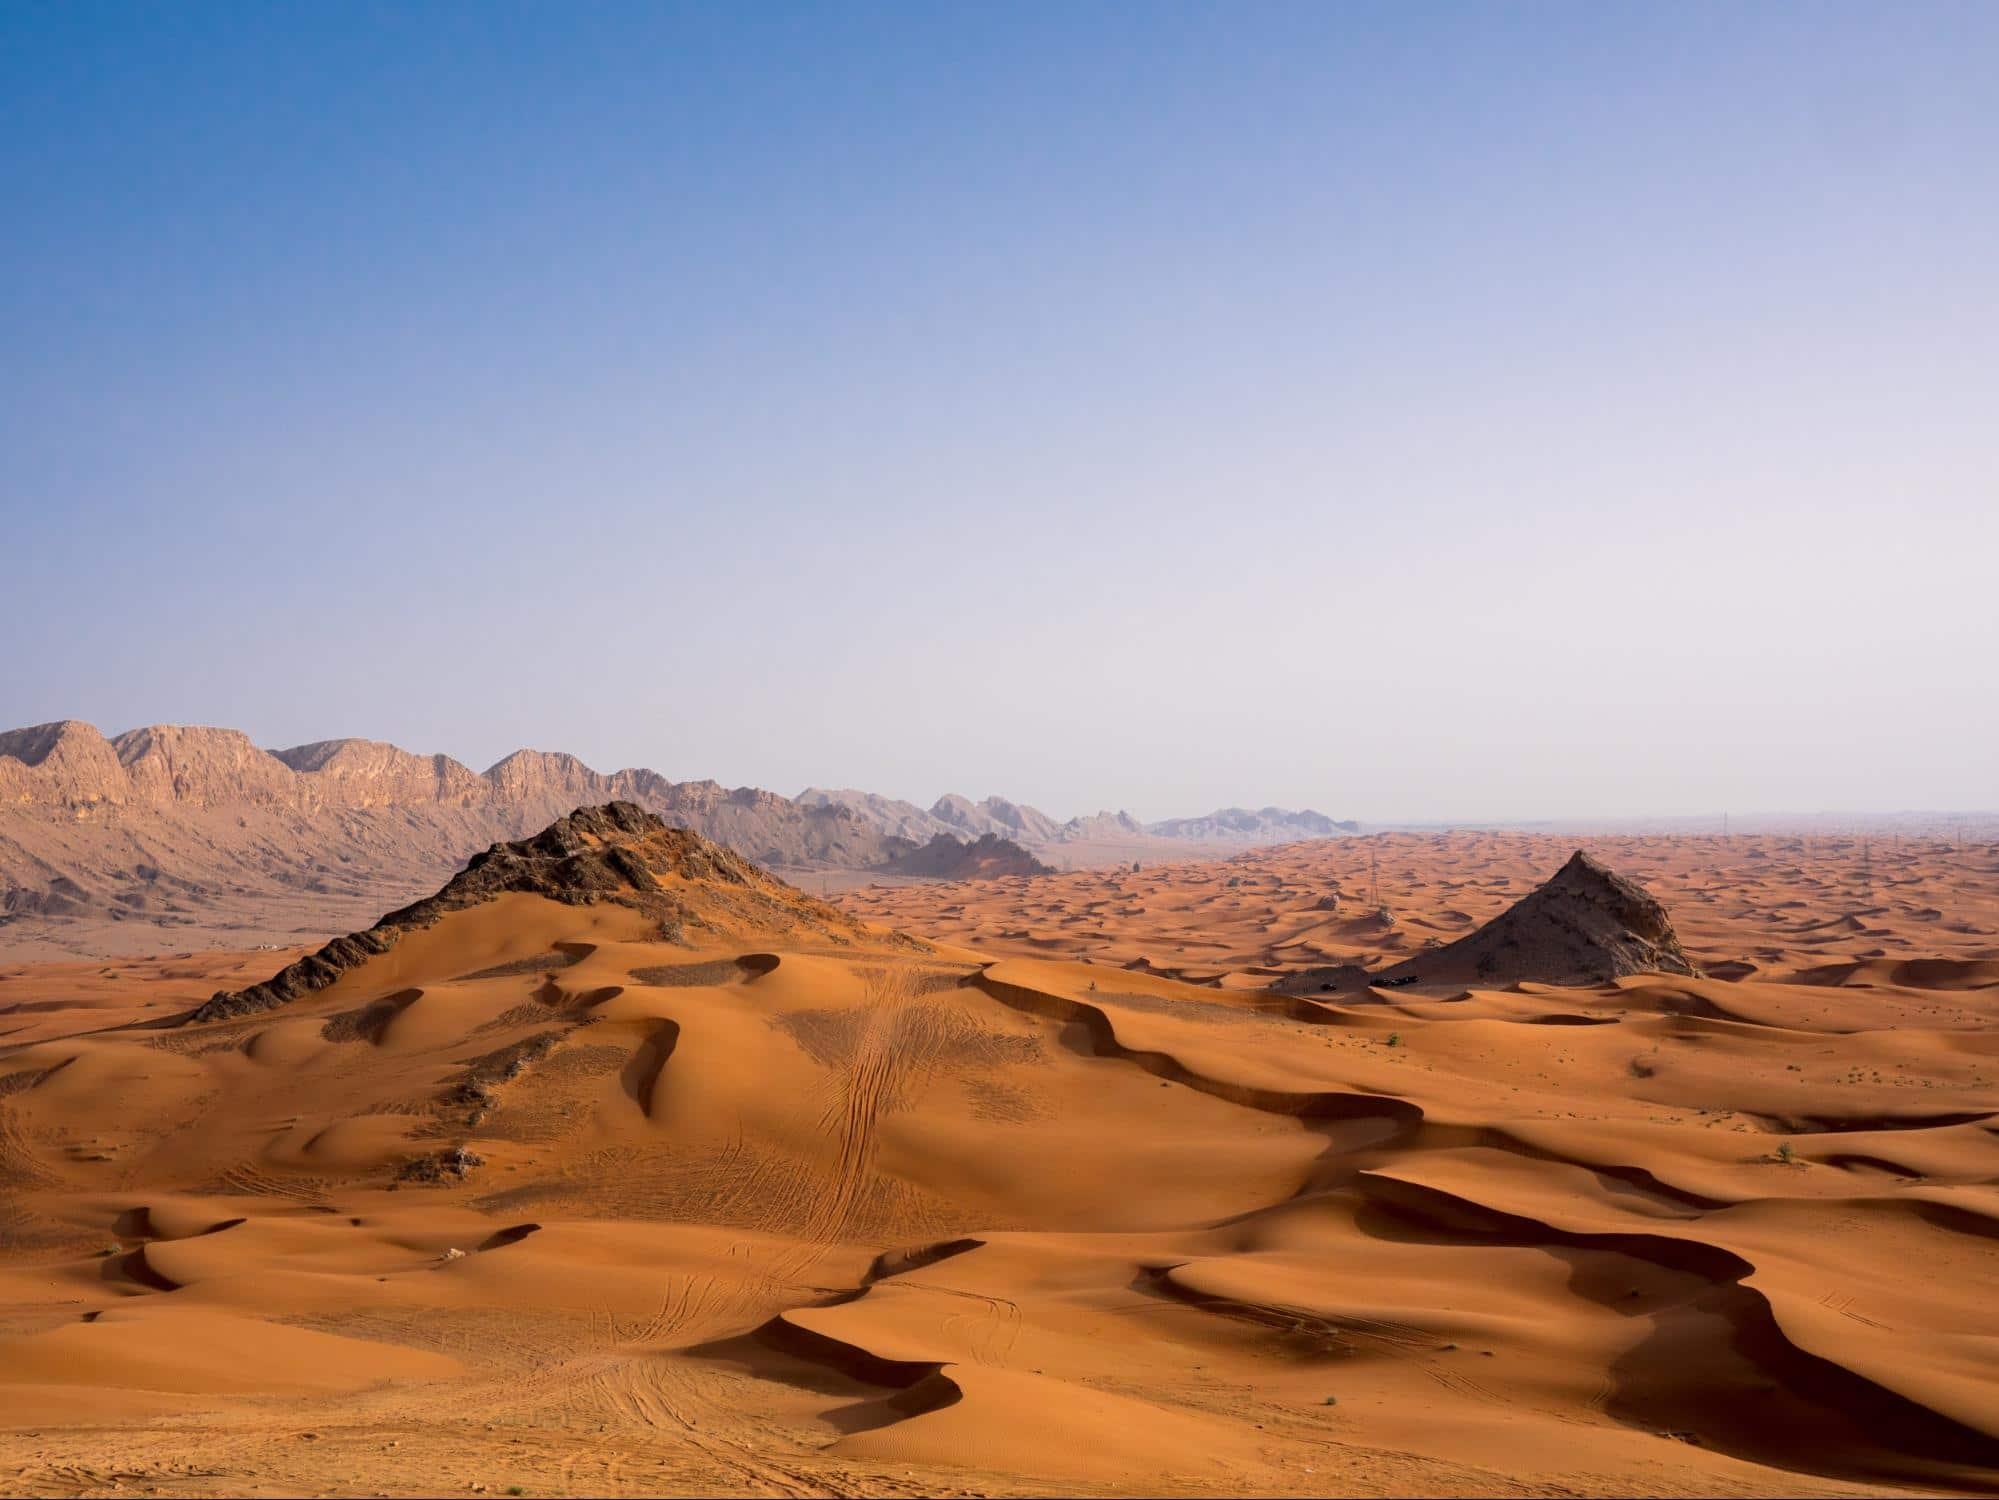 Mleiha archeological site and desert